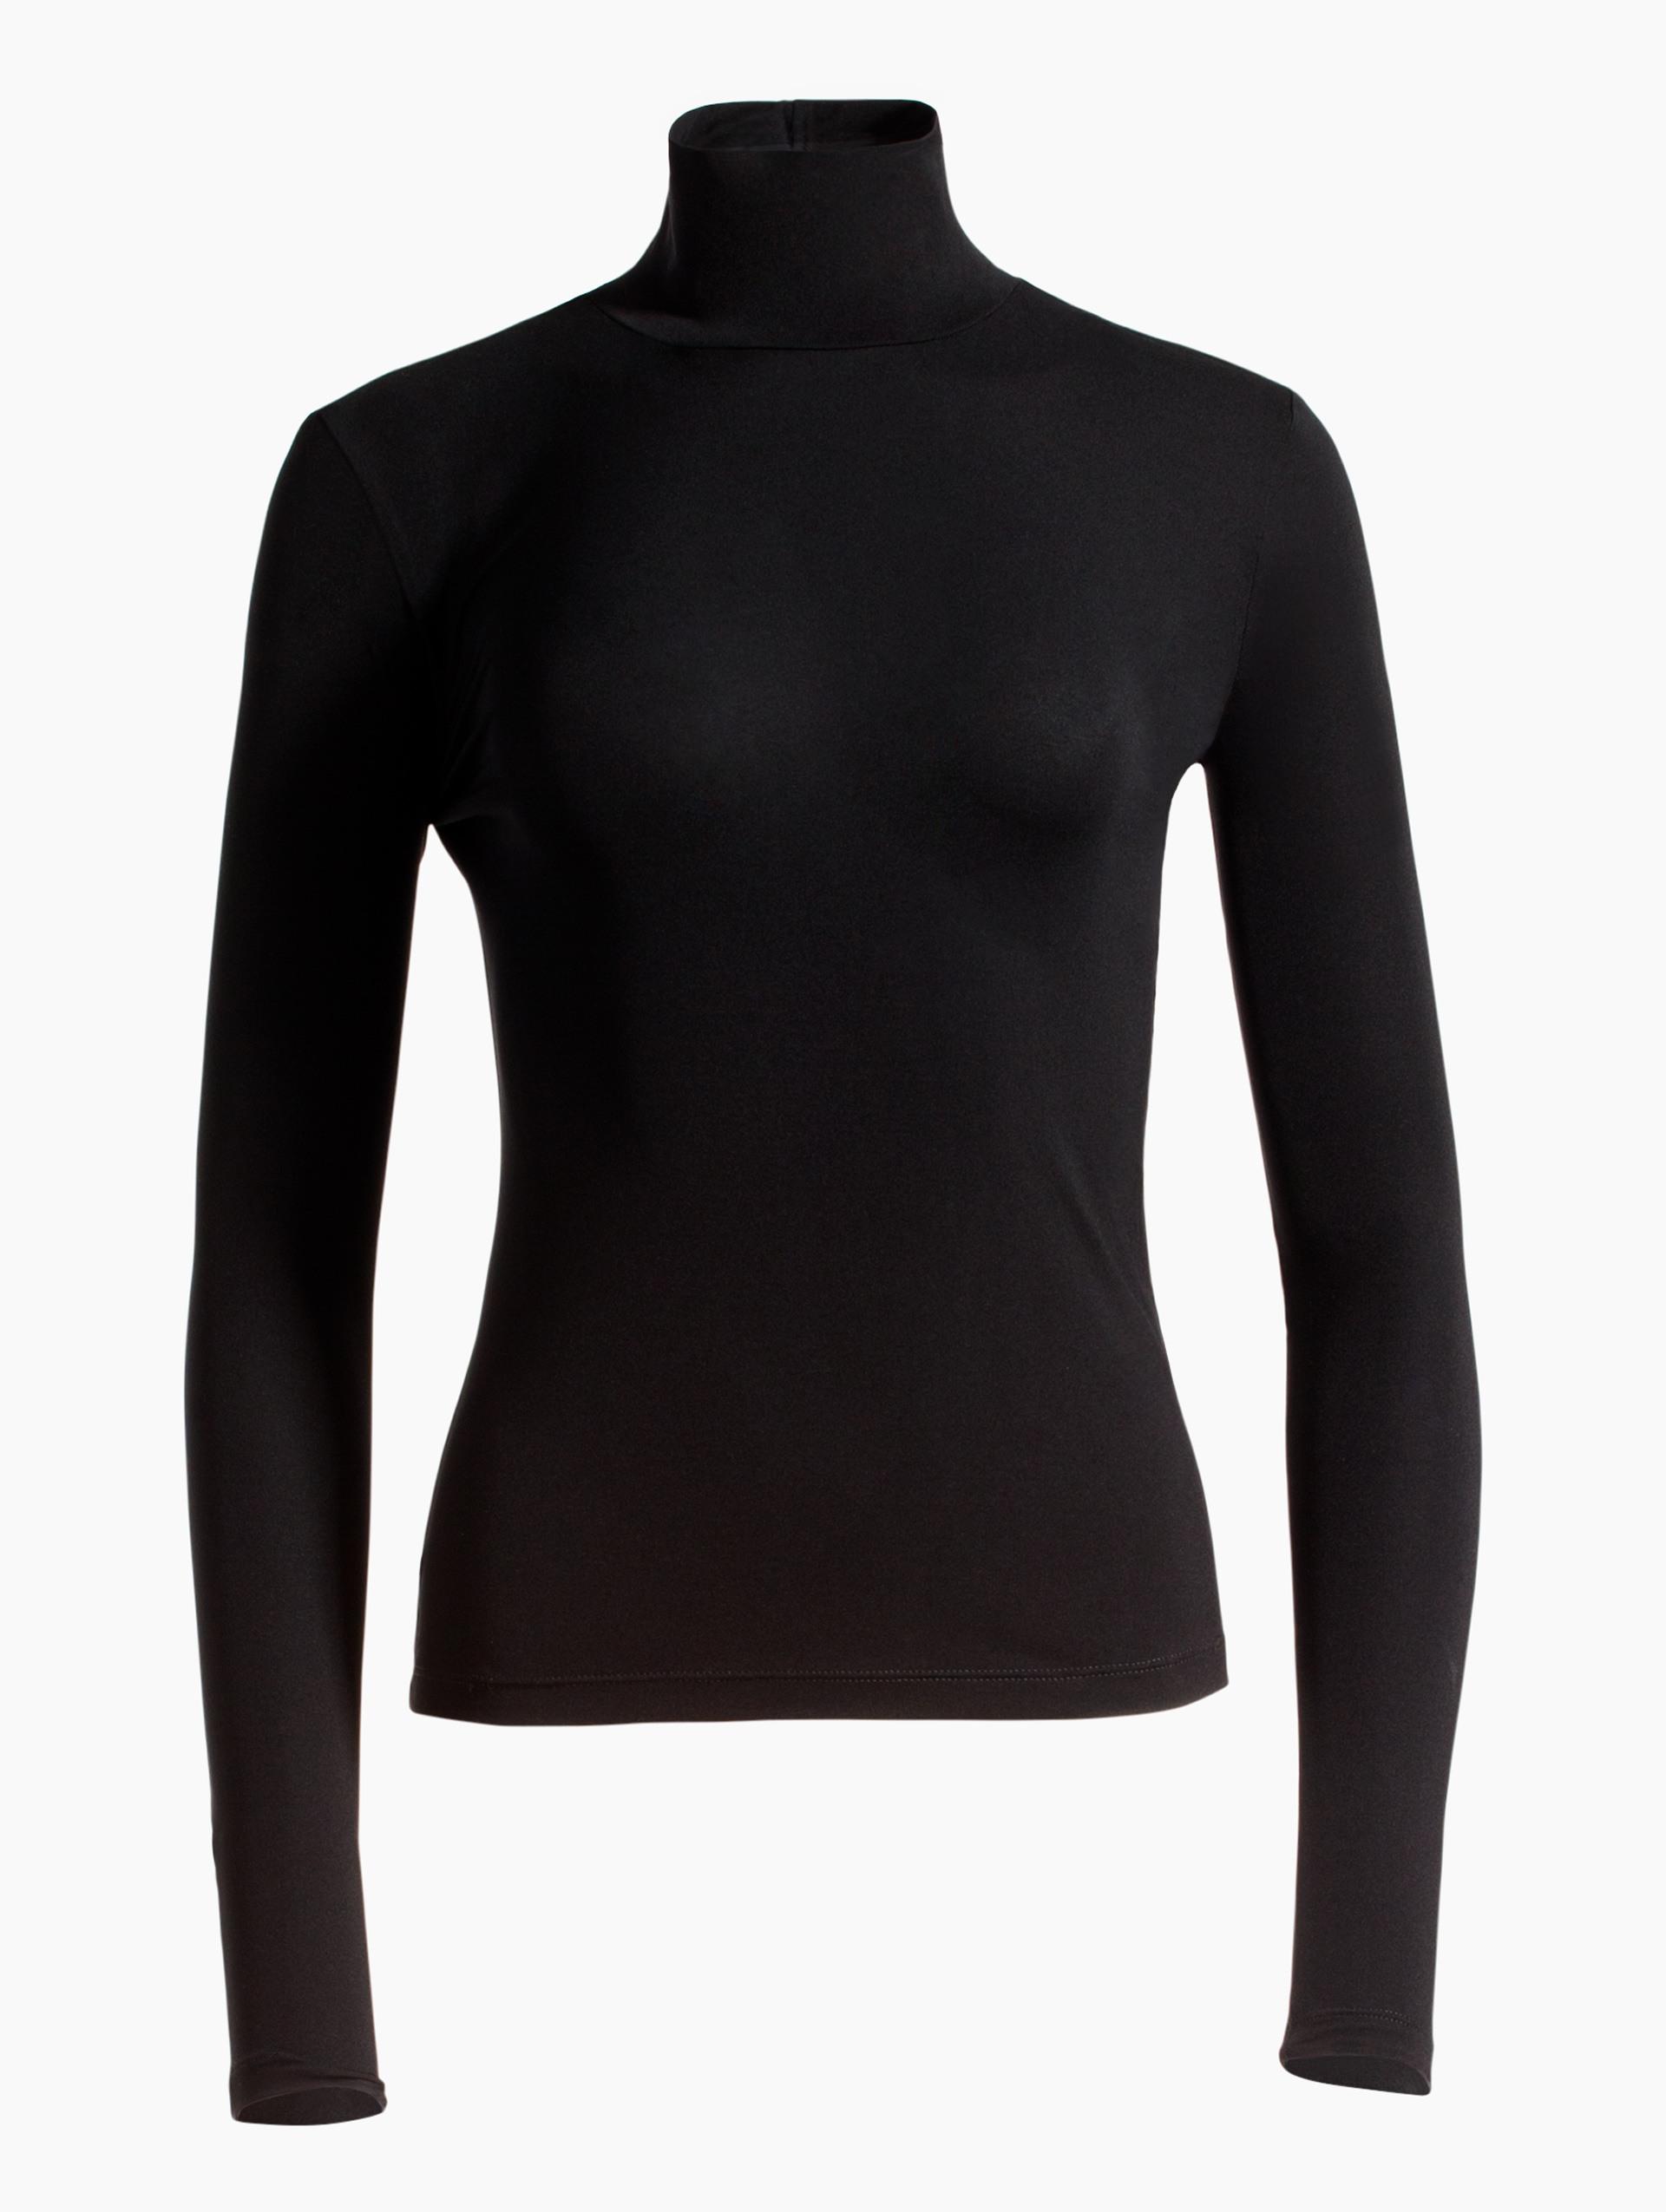 8a8ff5dfaadd Women s Long Sleeve Jersey Shell